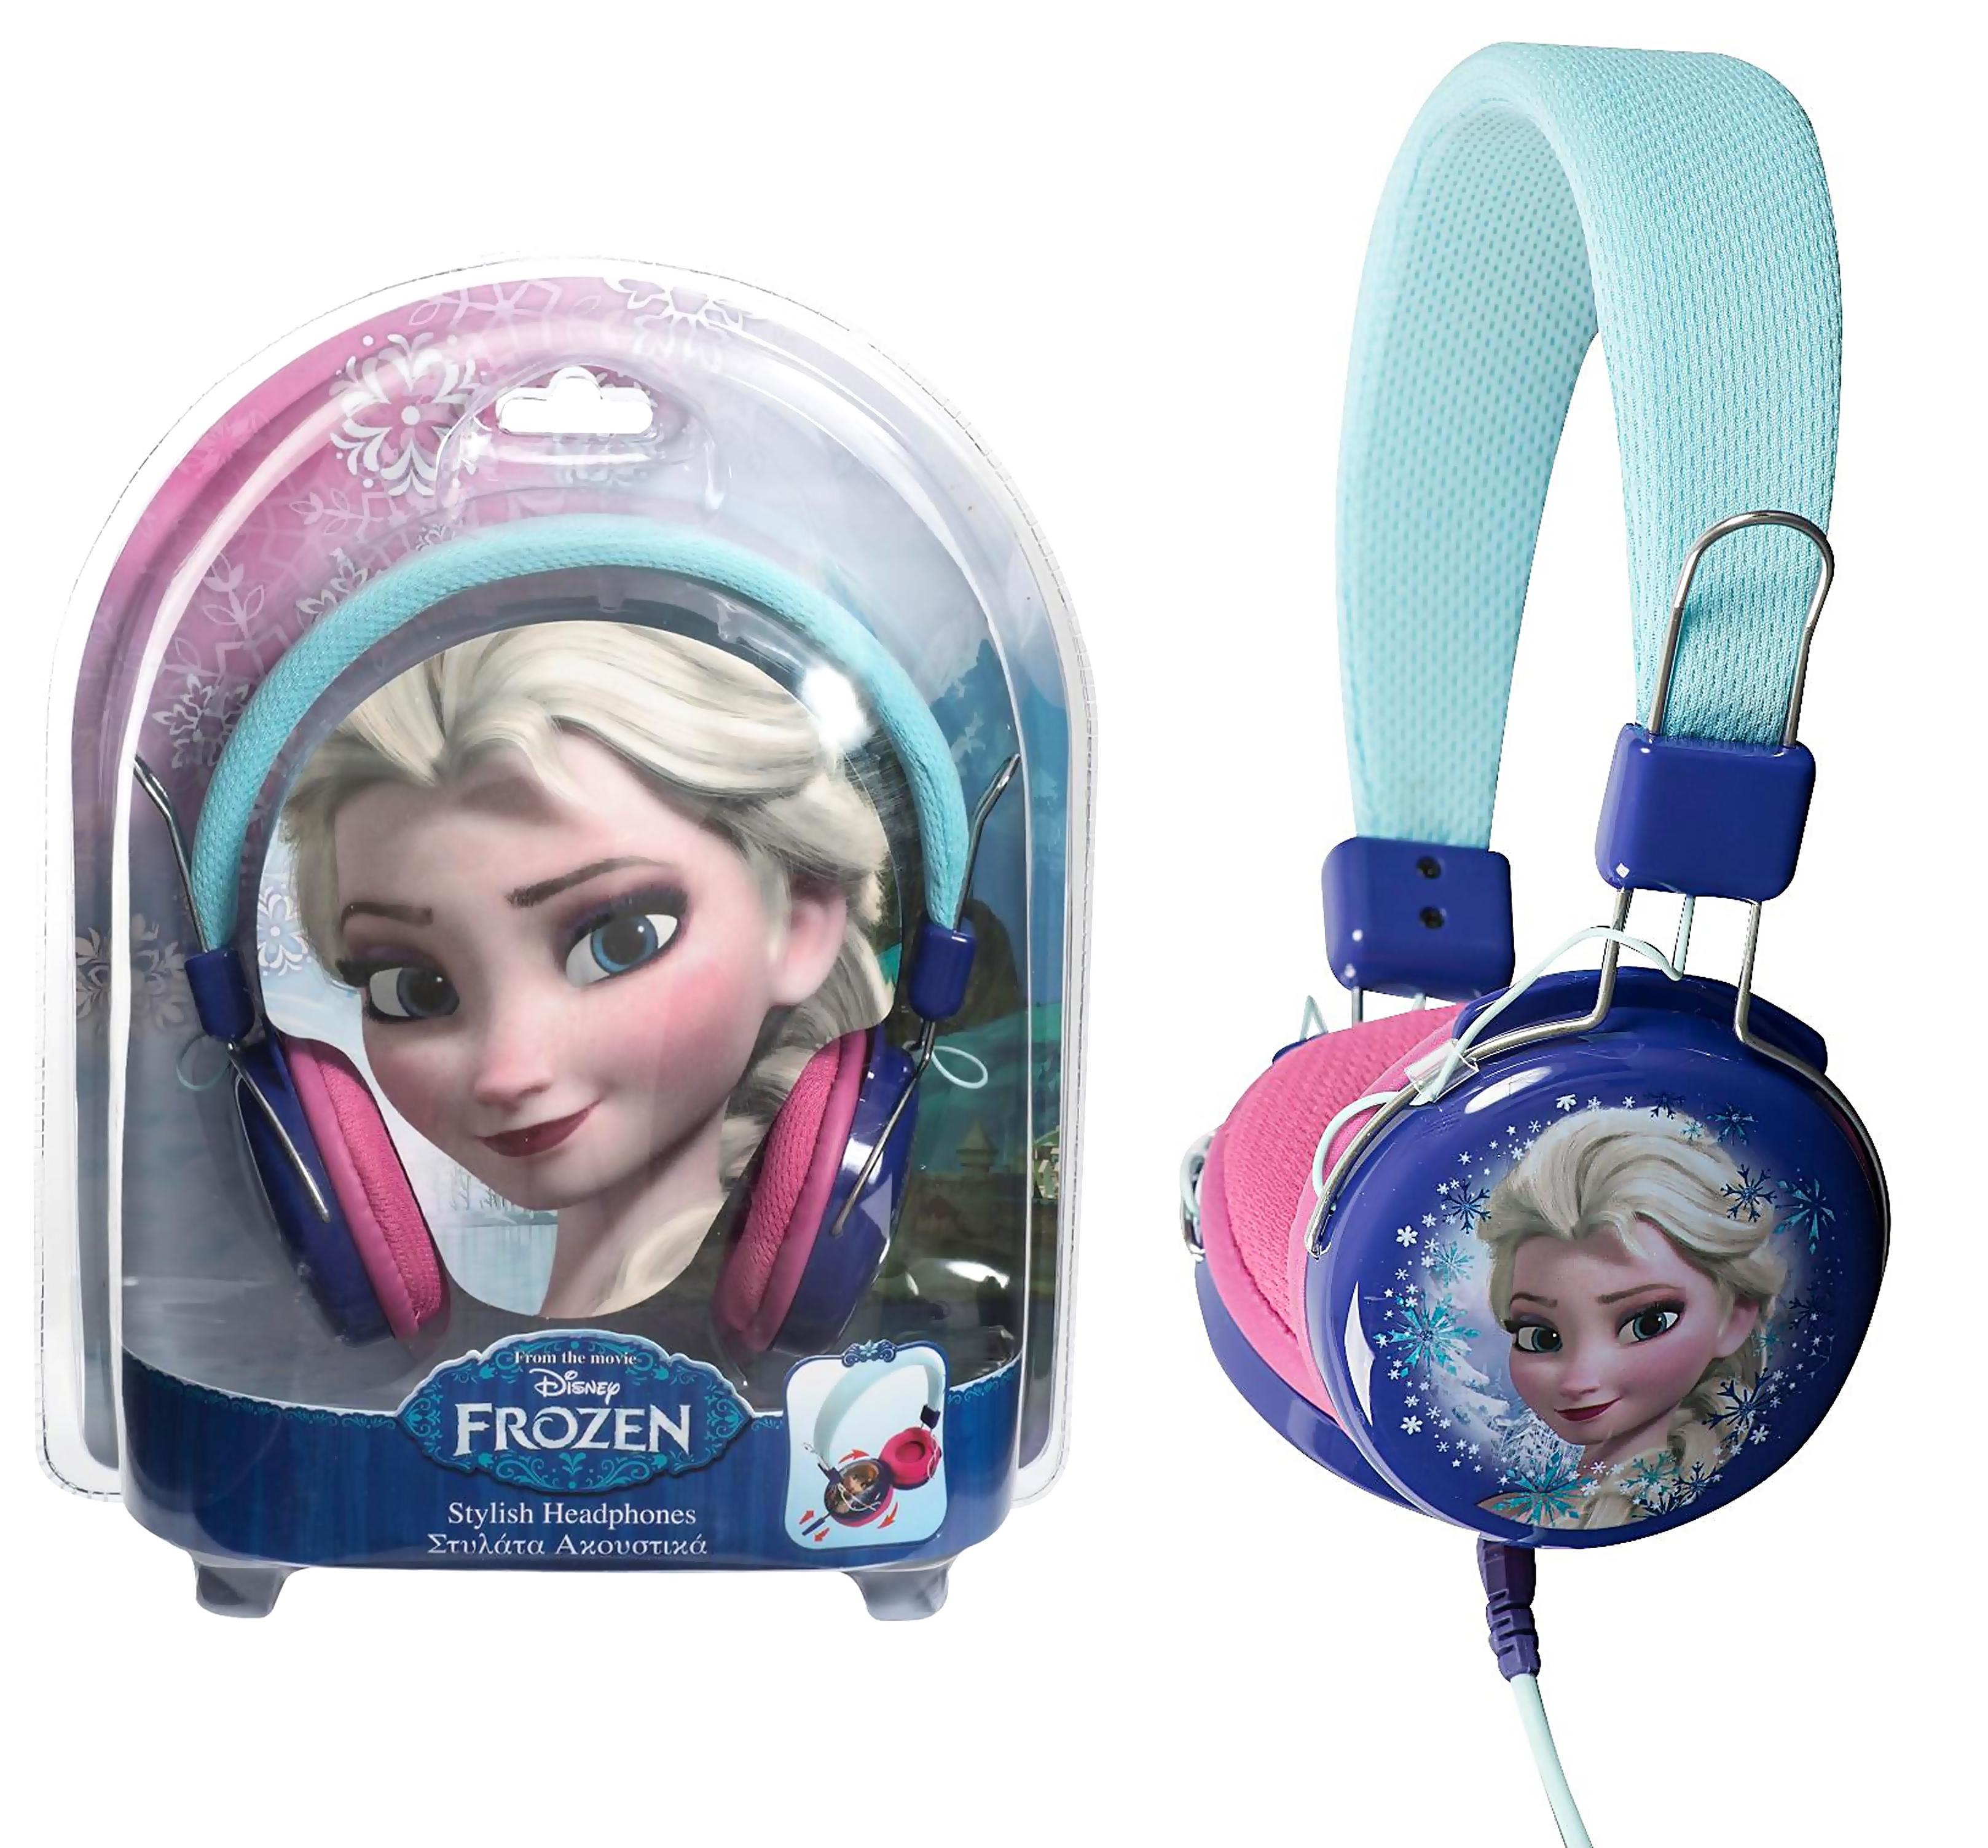 Disney Frozen 'Elsa' Stylish Headphones Computer Accessories